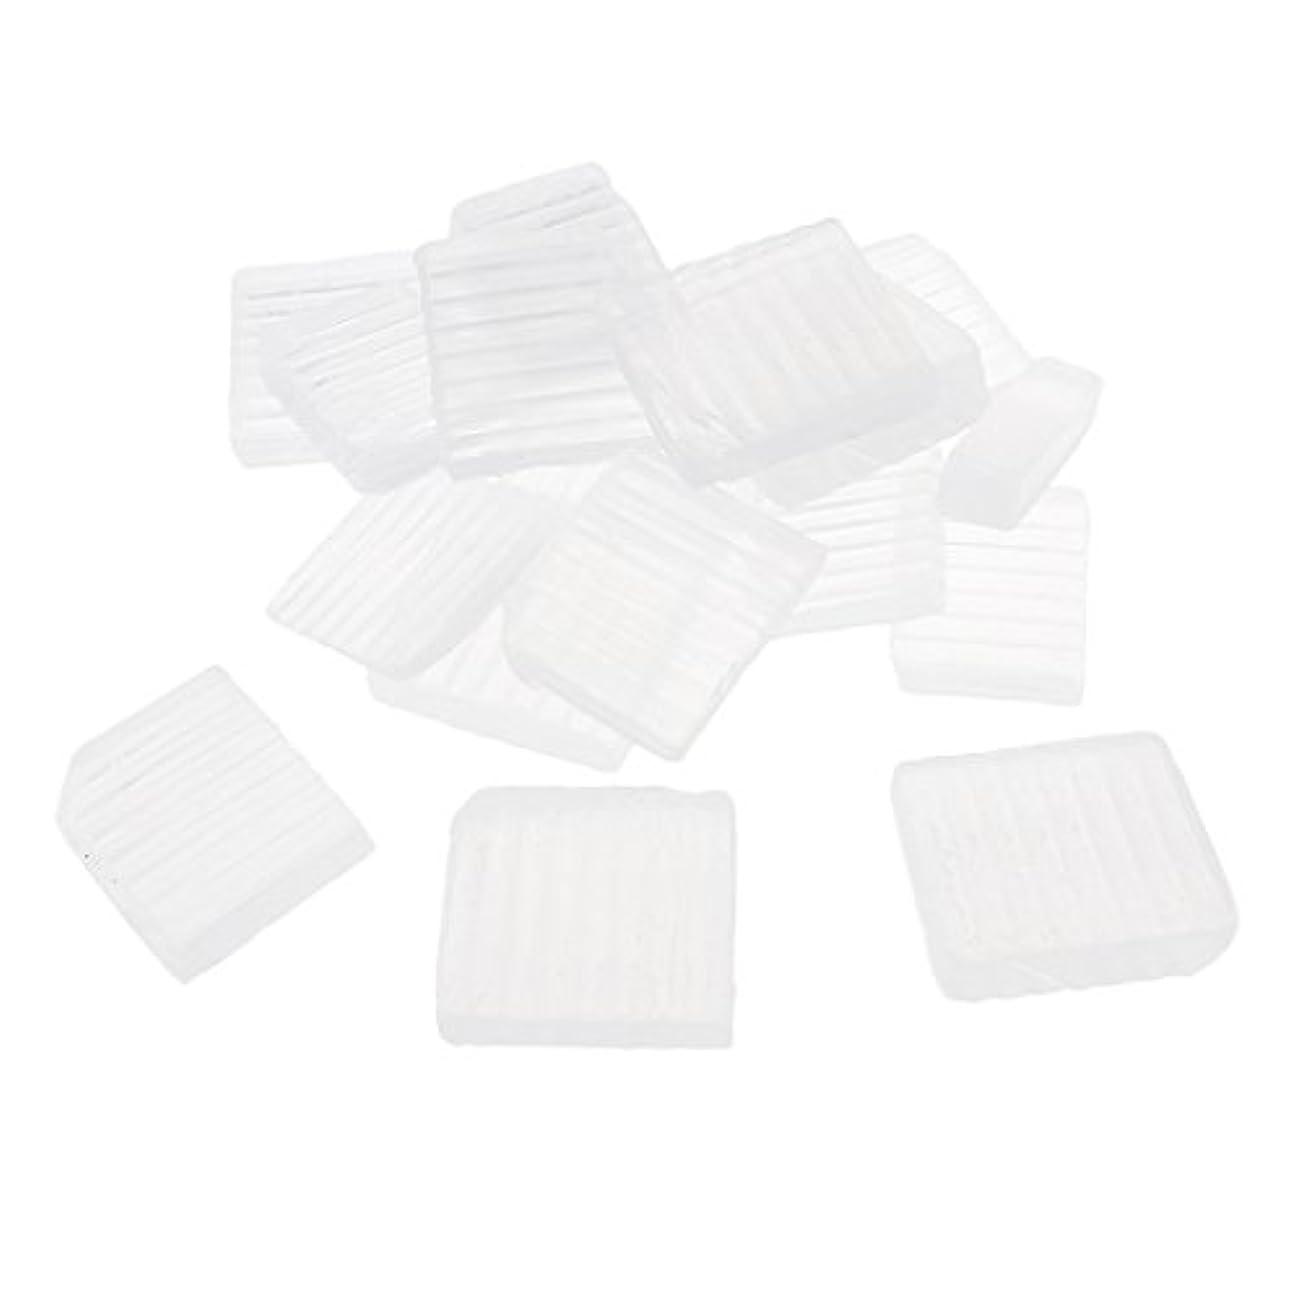 言うデクリメント信頼性透明 石鹸ベース DIY 手作り 石鹸 材料 約1 KG DIYギフト